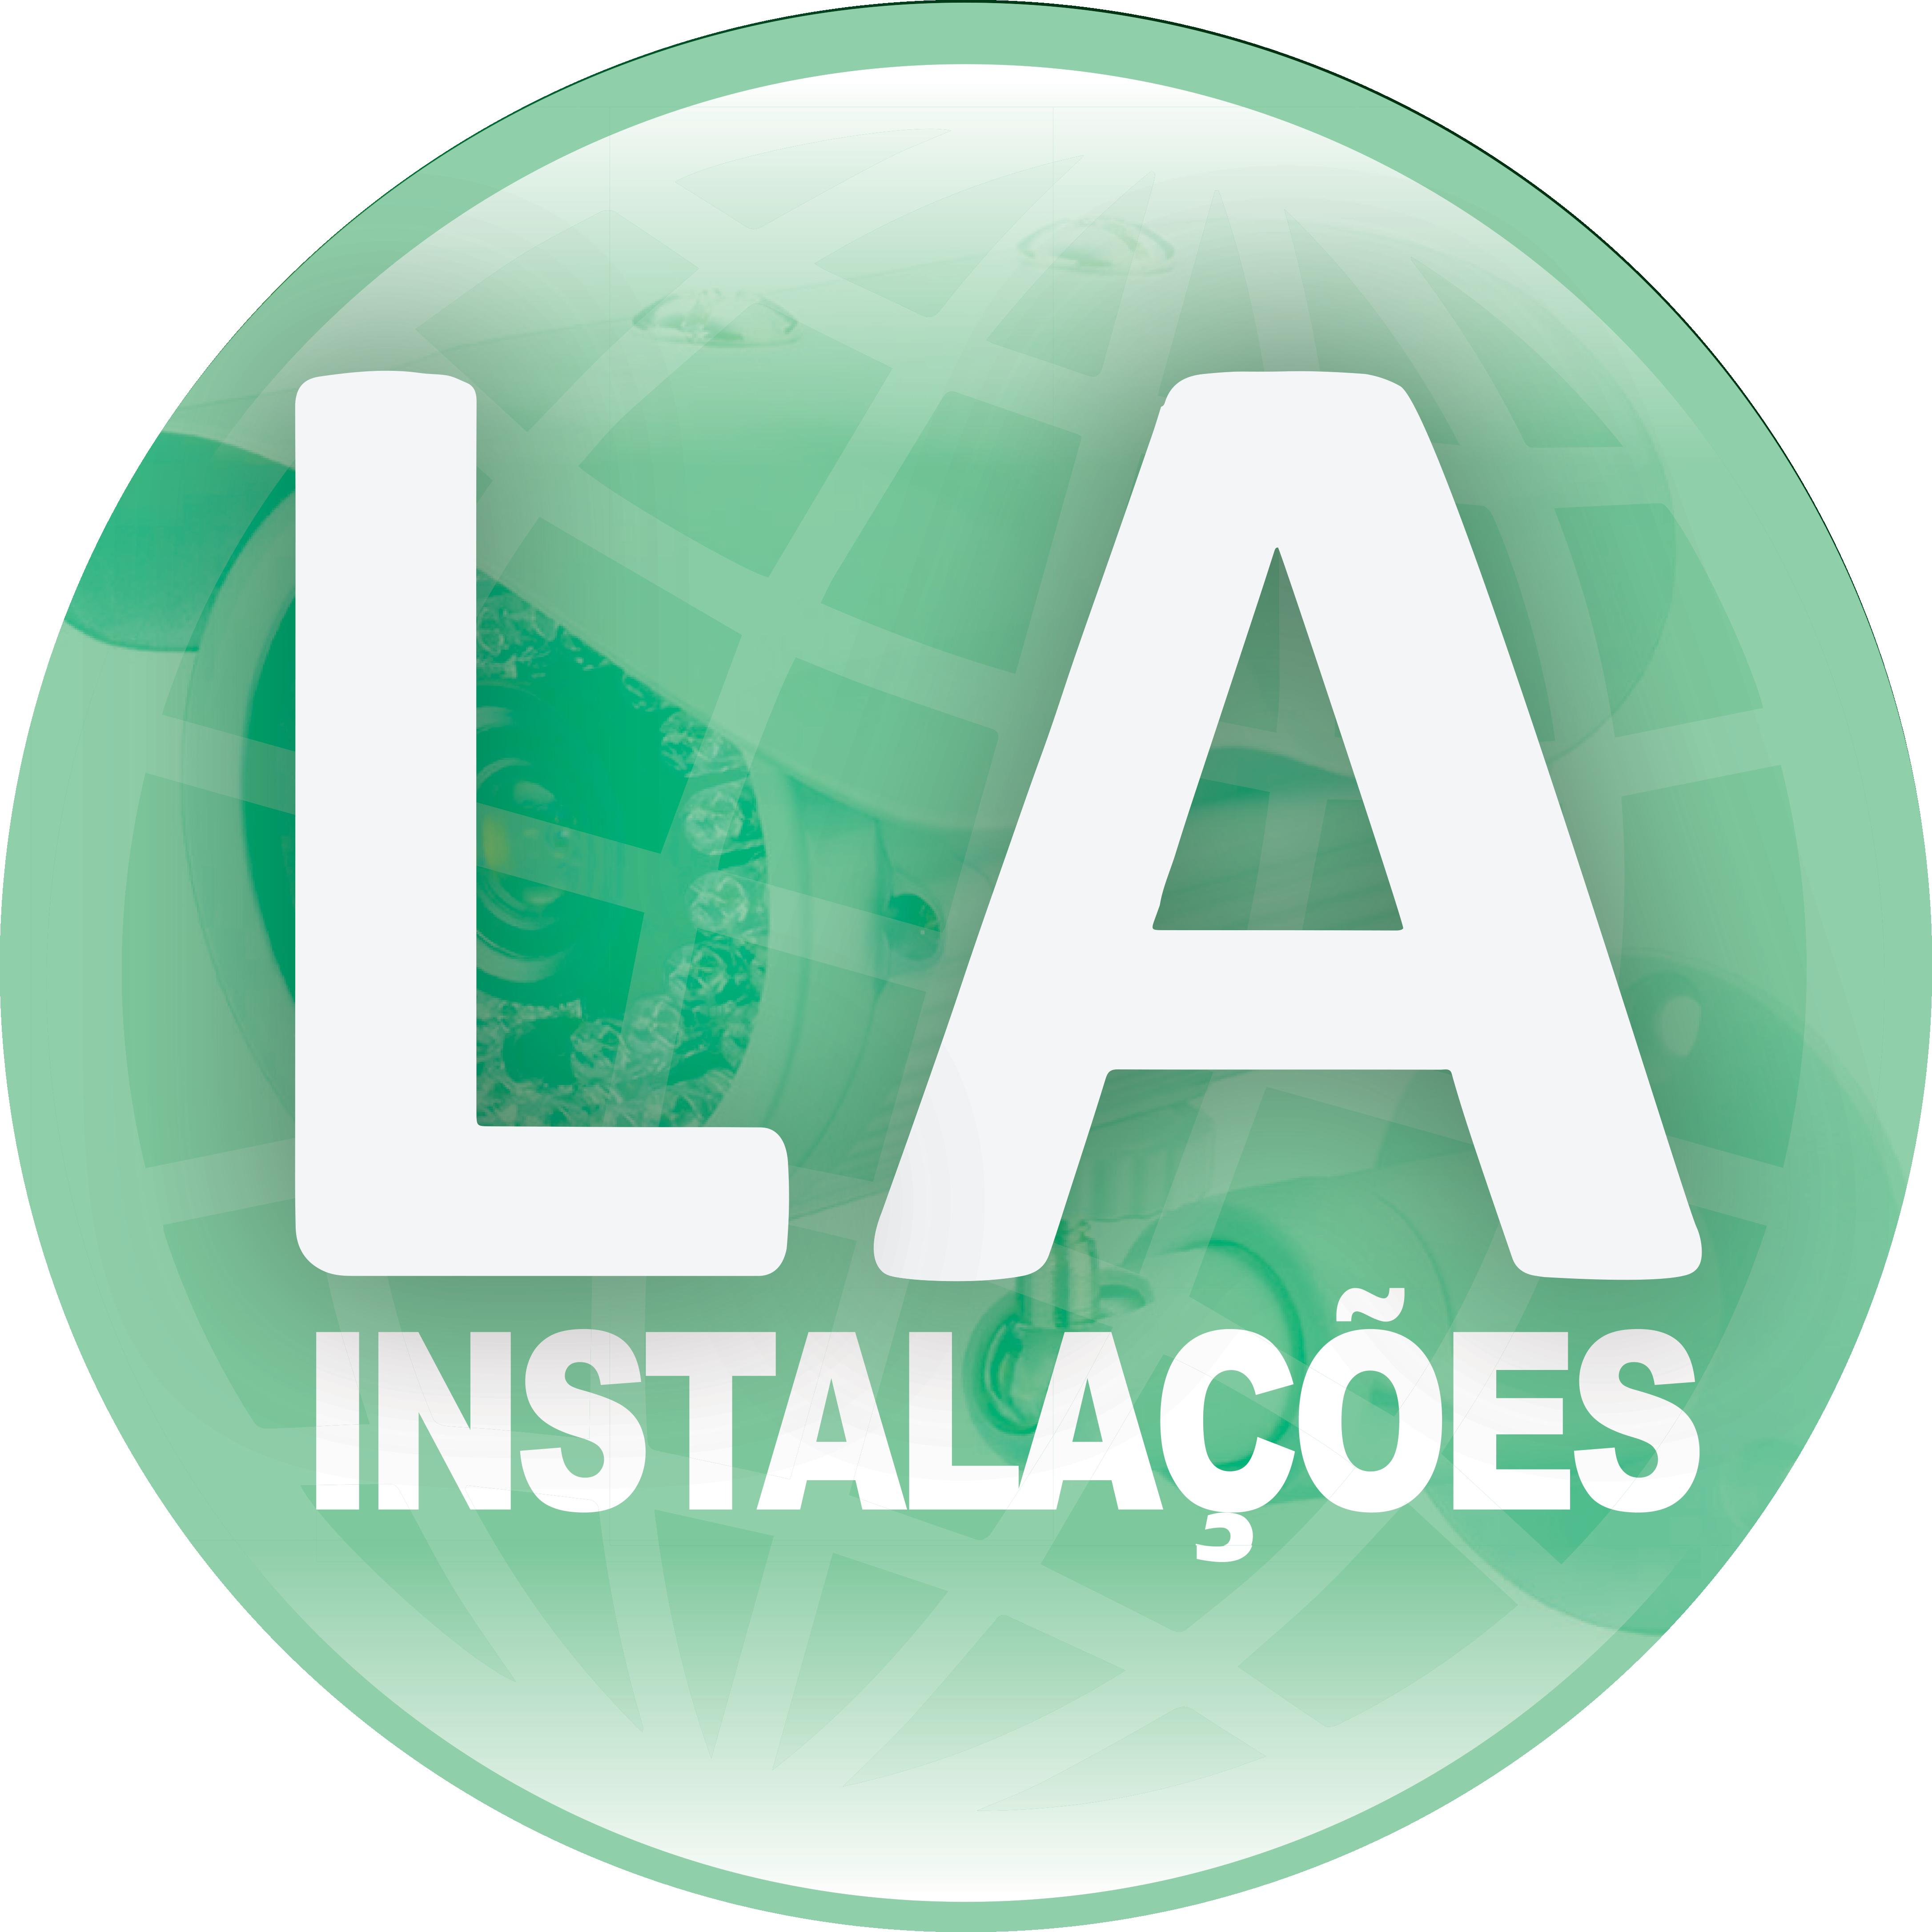 LA Instalações